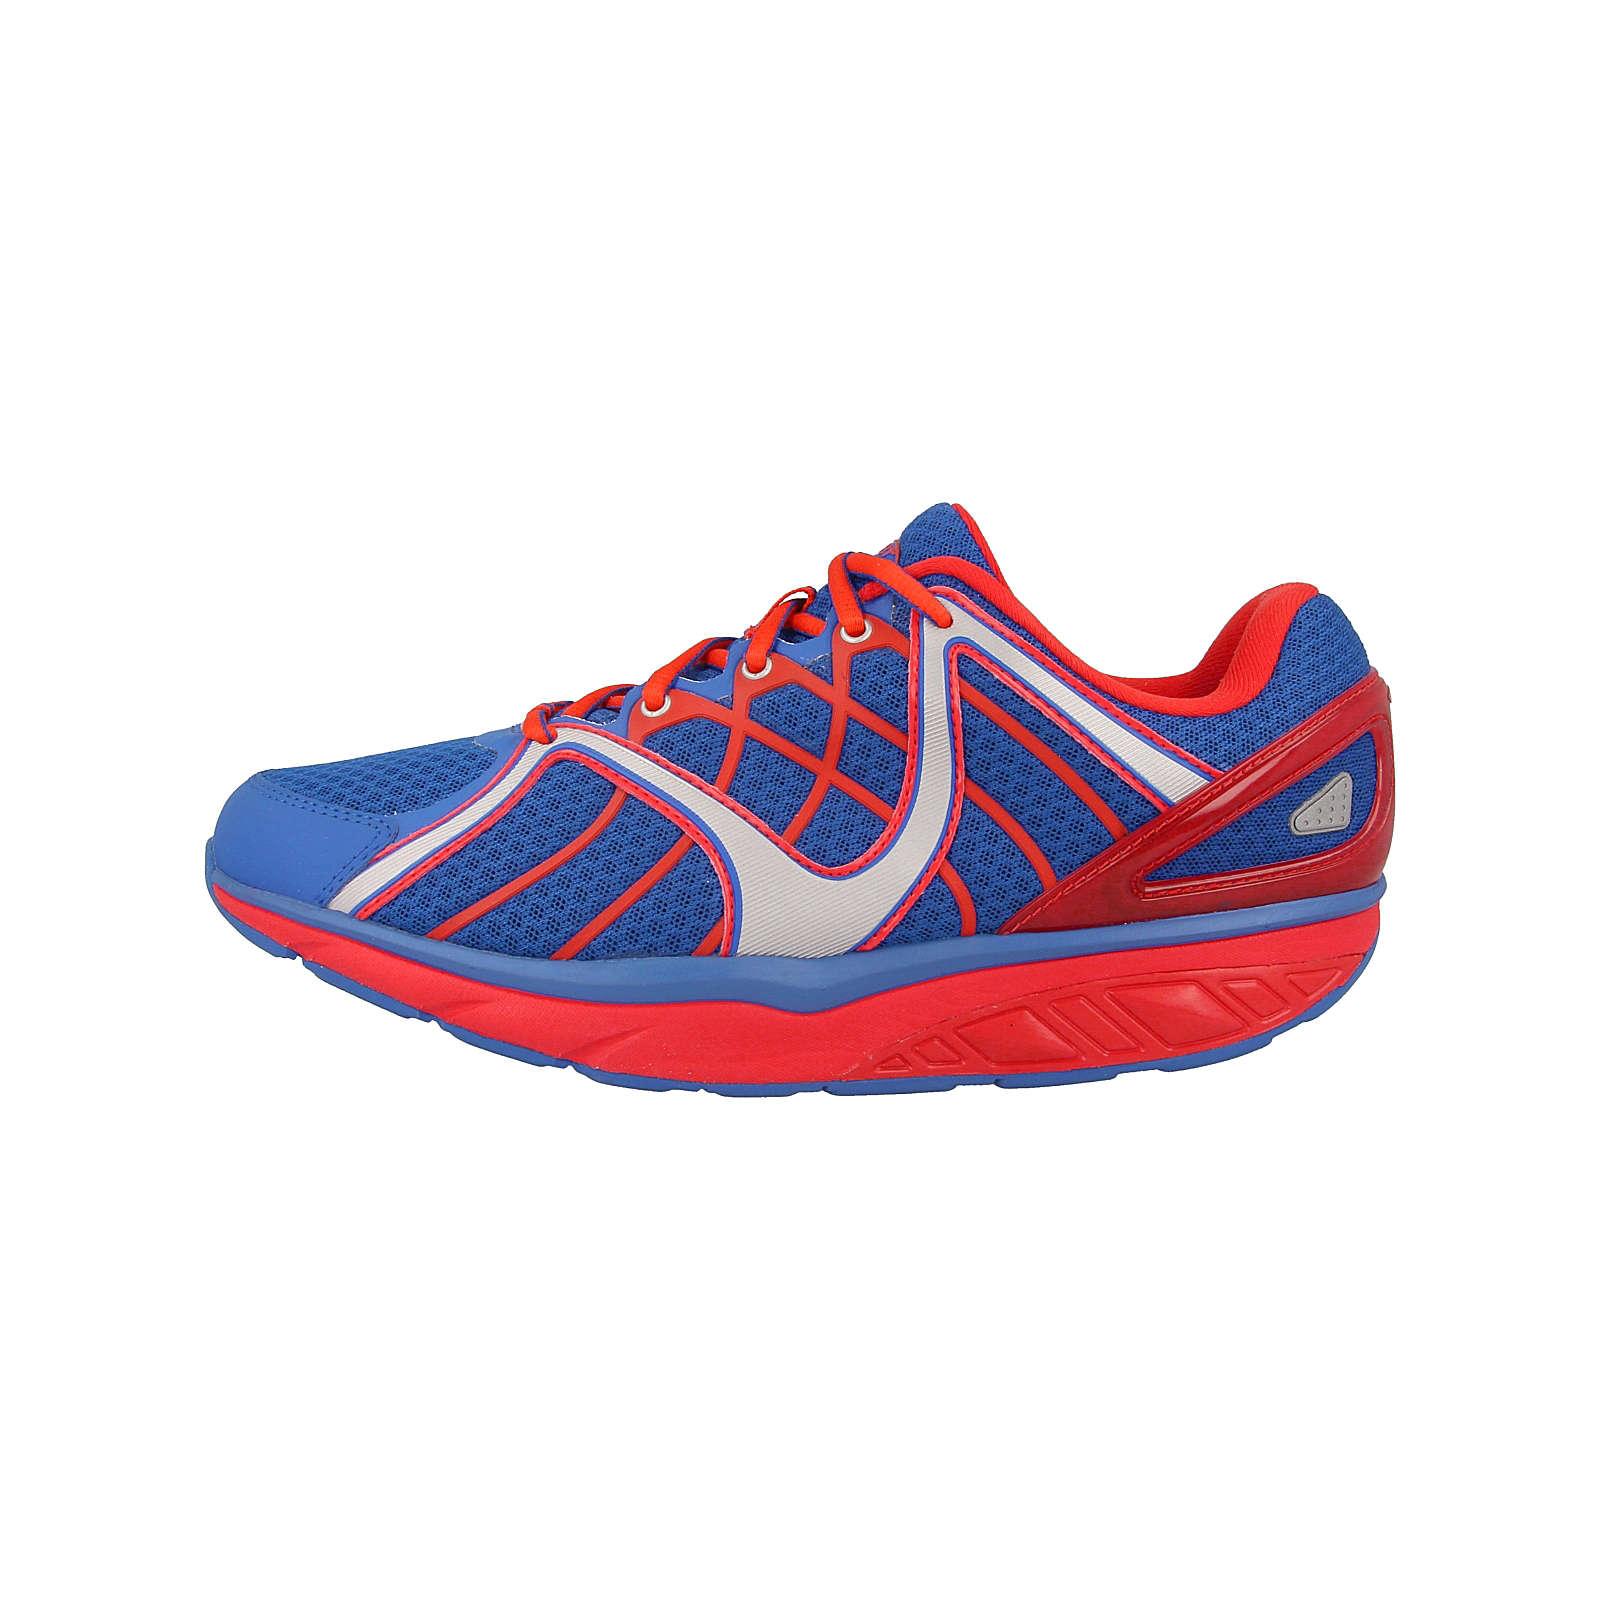 MBT Sneakers Low Jengo blau Herren Gr. 42 7630001389908 blauer-urlaub.de